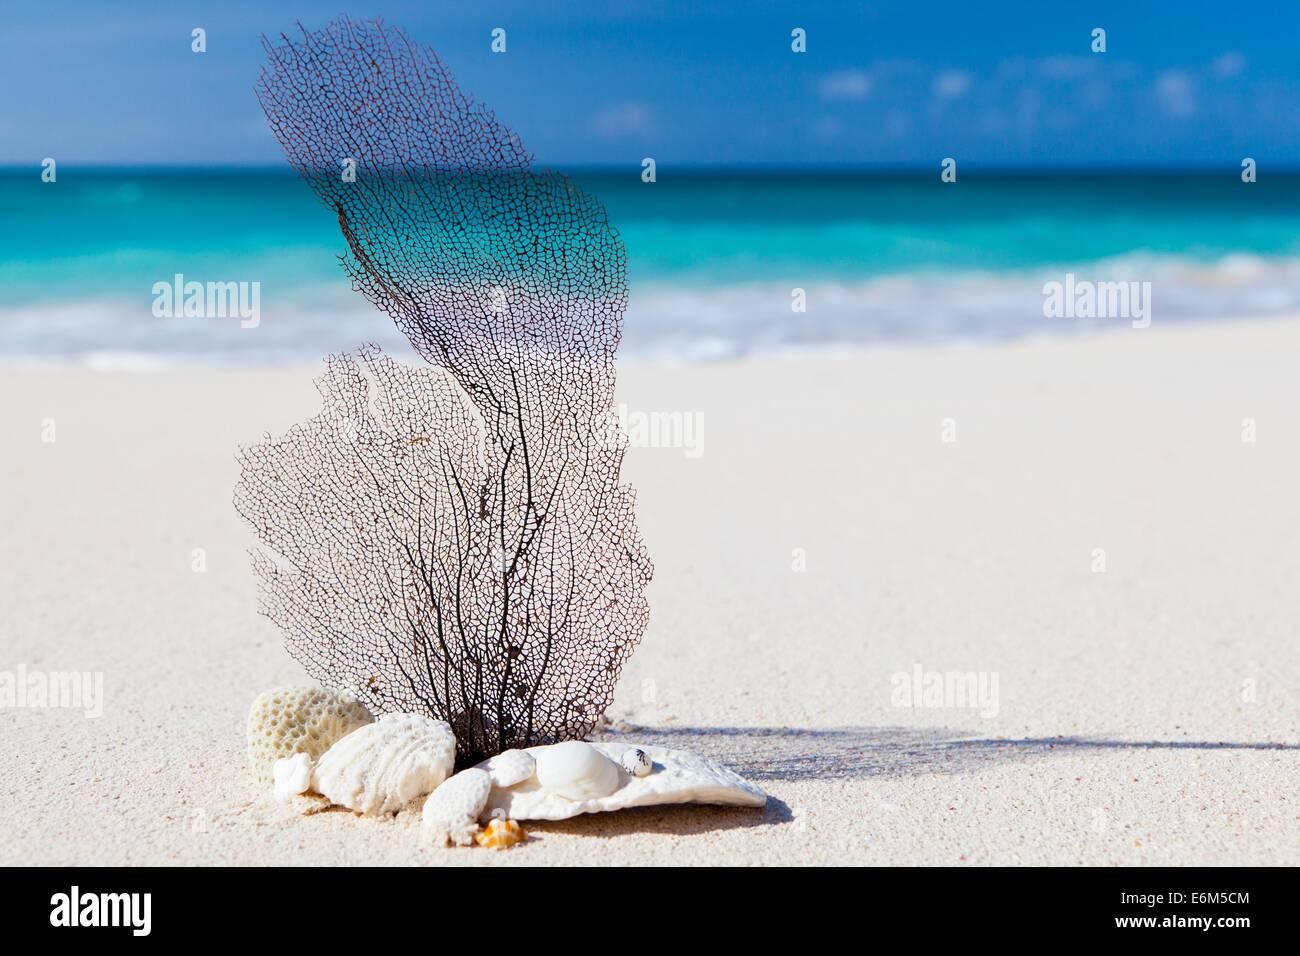 Playa caribe azul concepto de belleza exótica naturaleza Imagen De Stock